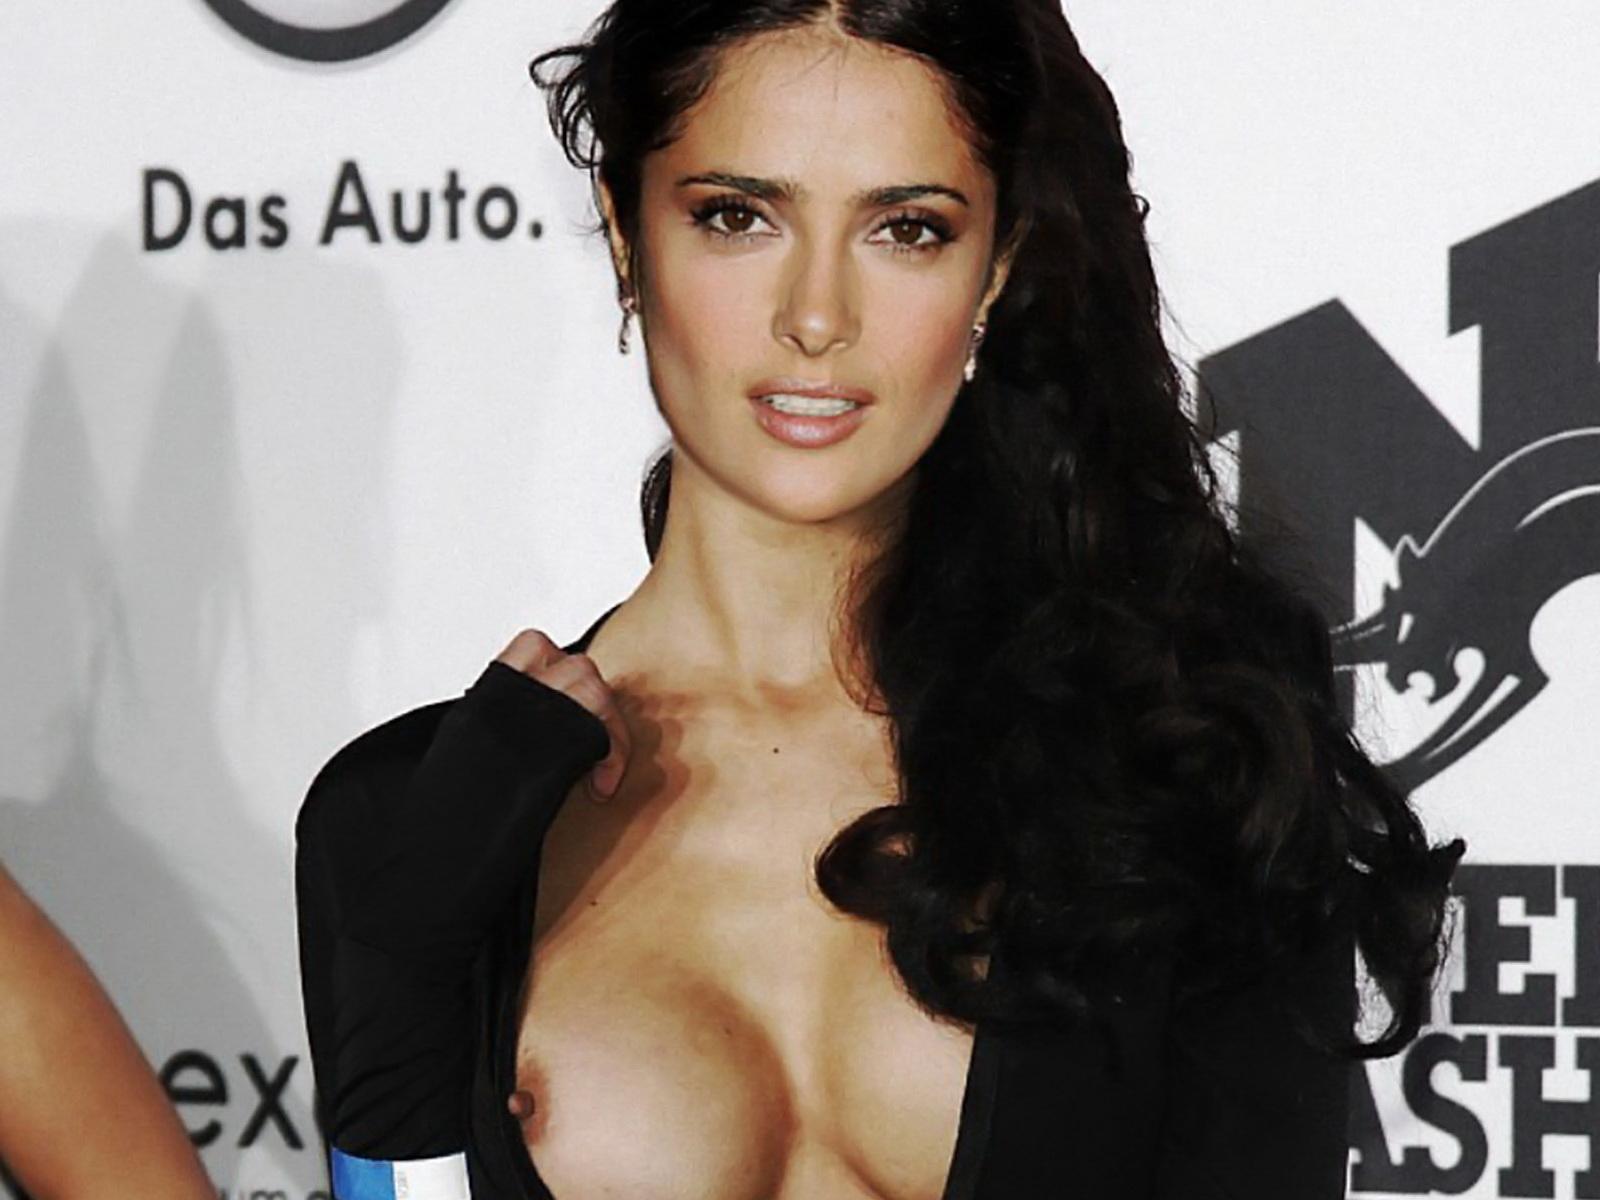 http://1.bp.blogspot.com/-RipNPt34HPA/Tu2GwtkiUoI/AAAAAAAADPs/dqpQTWV4j2g/s1600/Salma_Hayek_nip_slip_on_red_+carpet_boob_slip.jpg